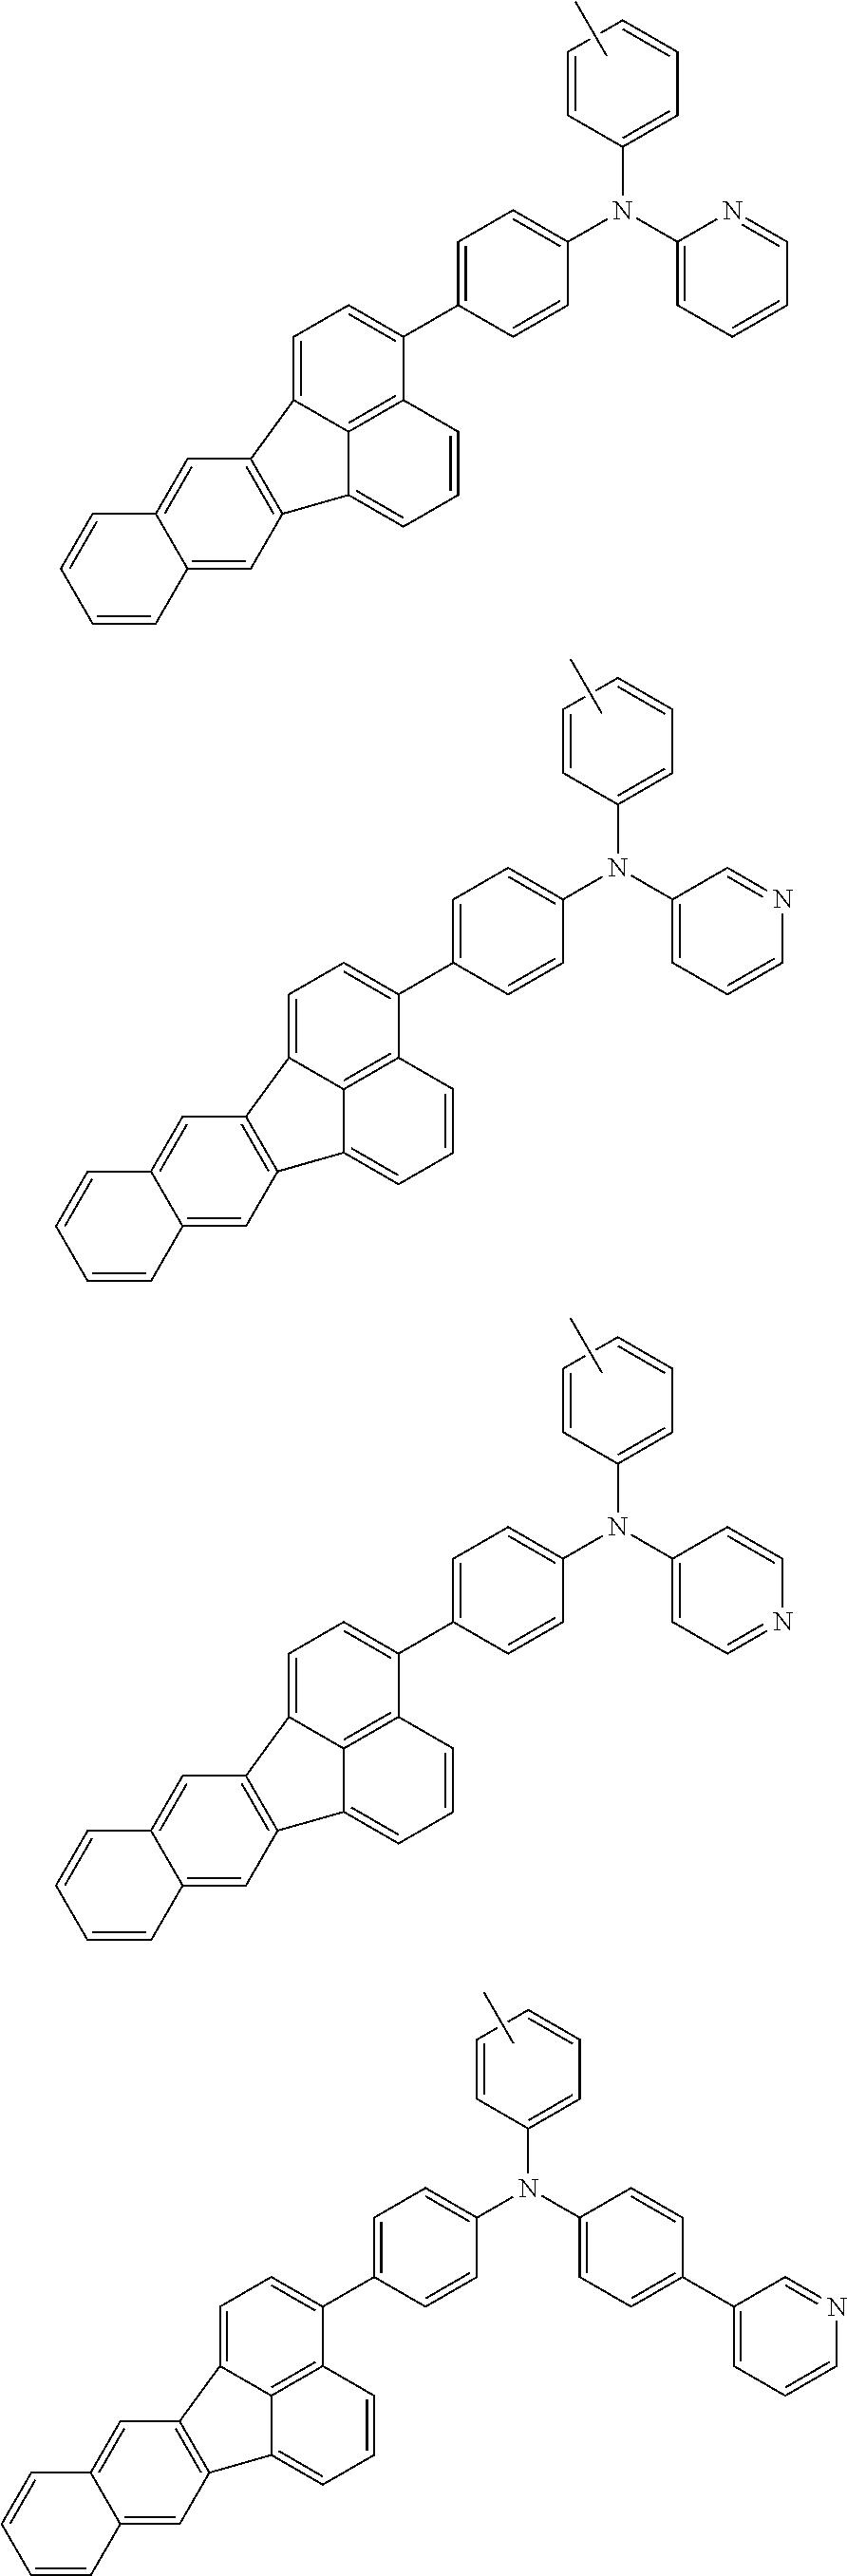 Figure US20150280139A1-20151001-C00035